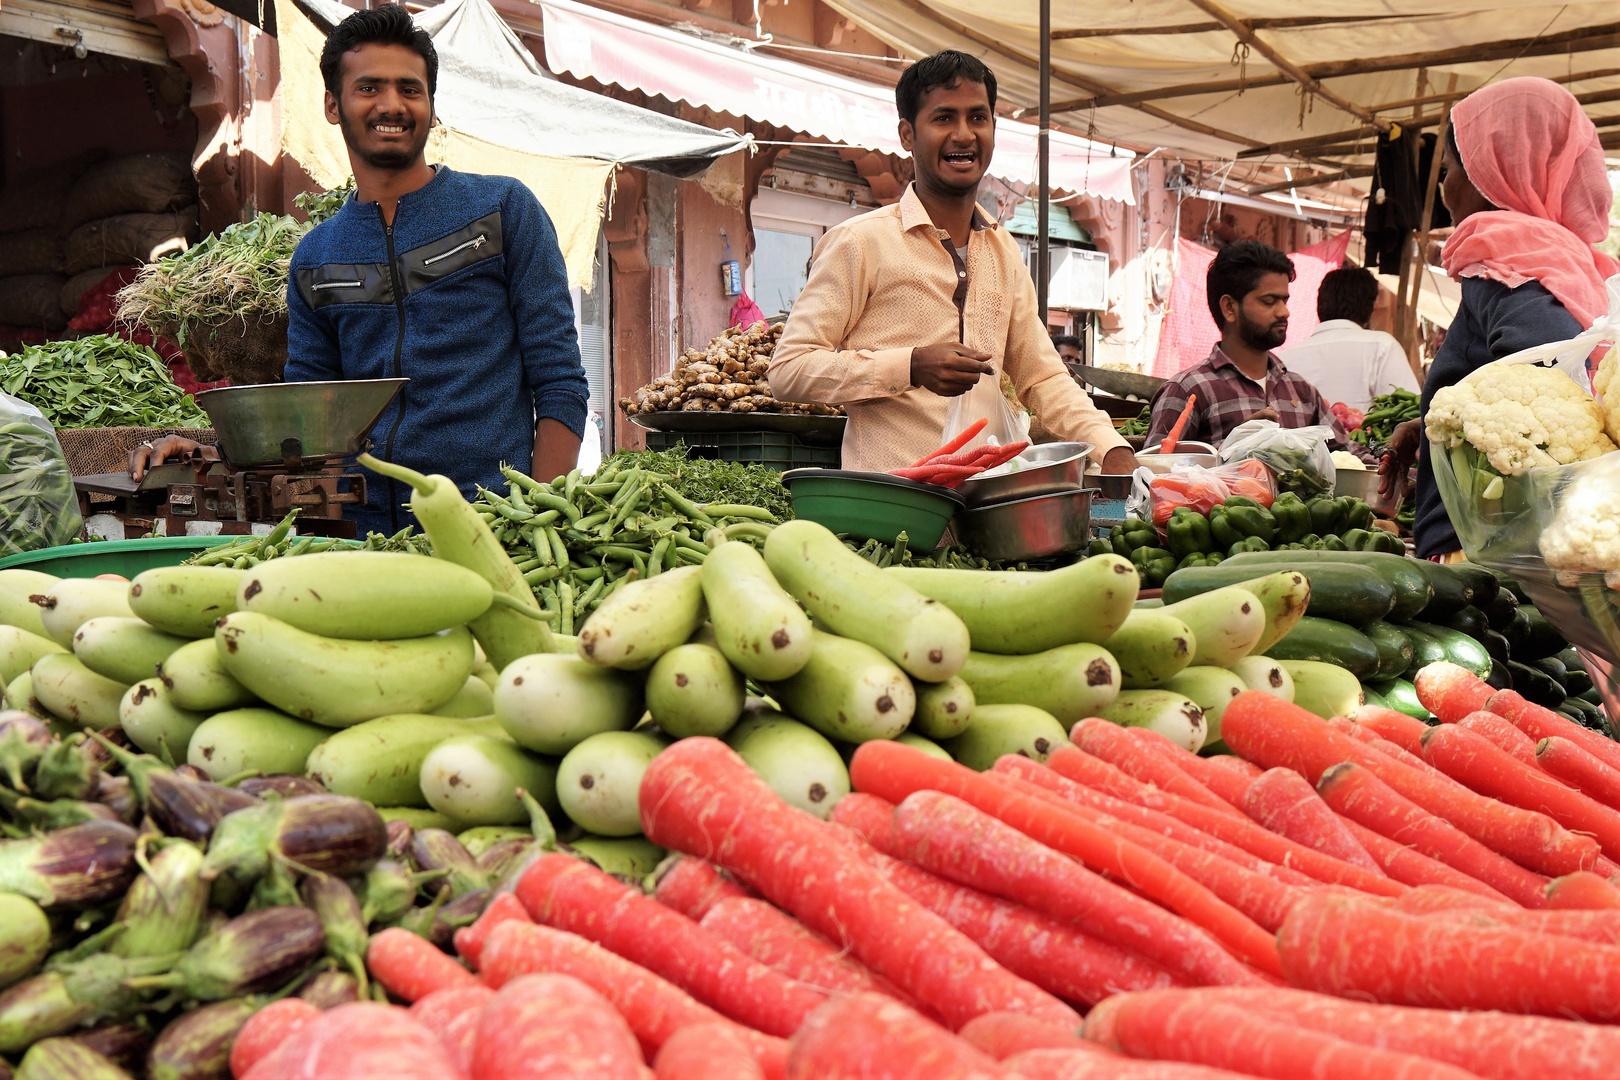 Fröhliche Gemüsehändler